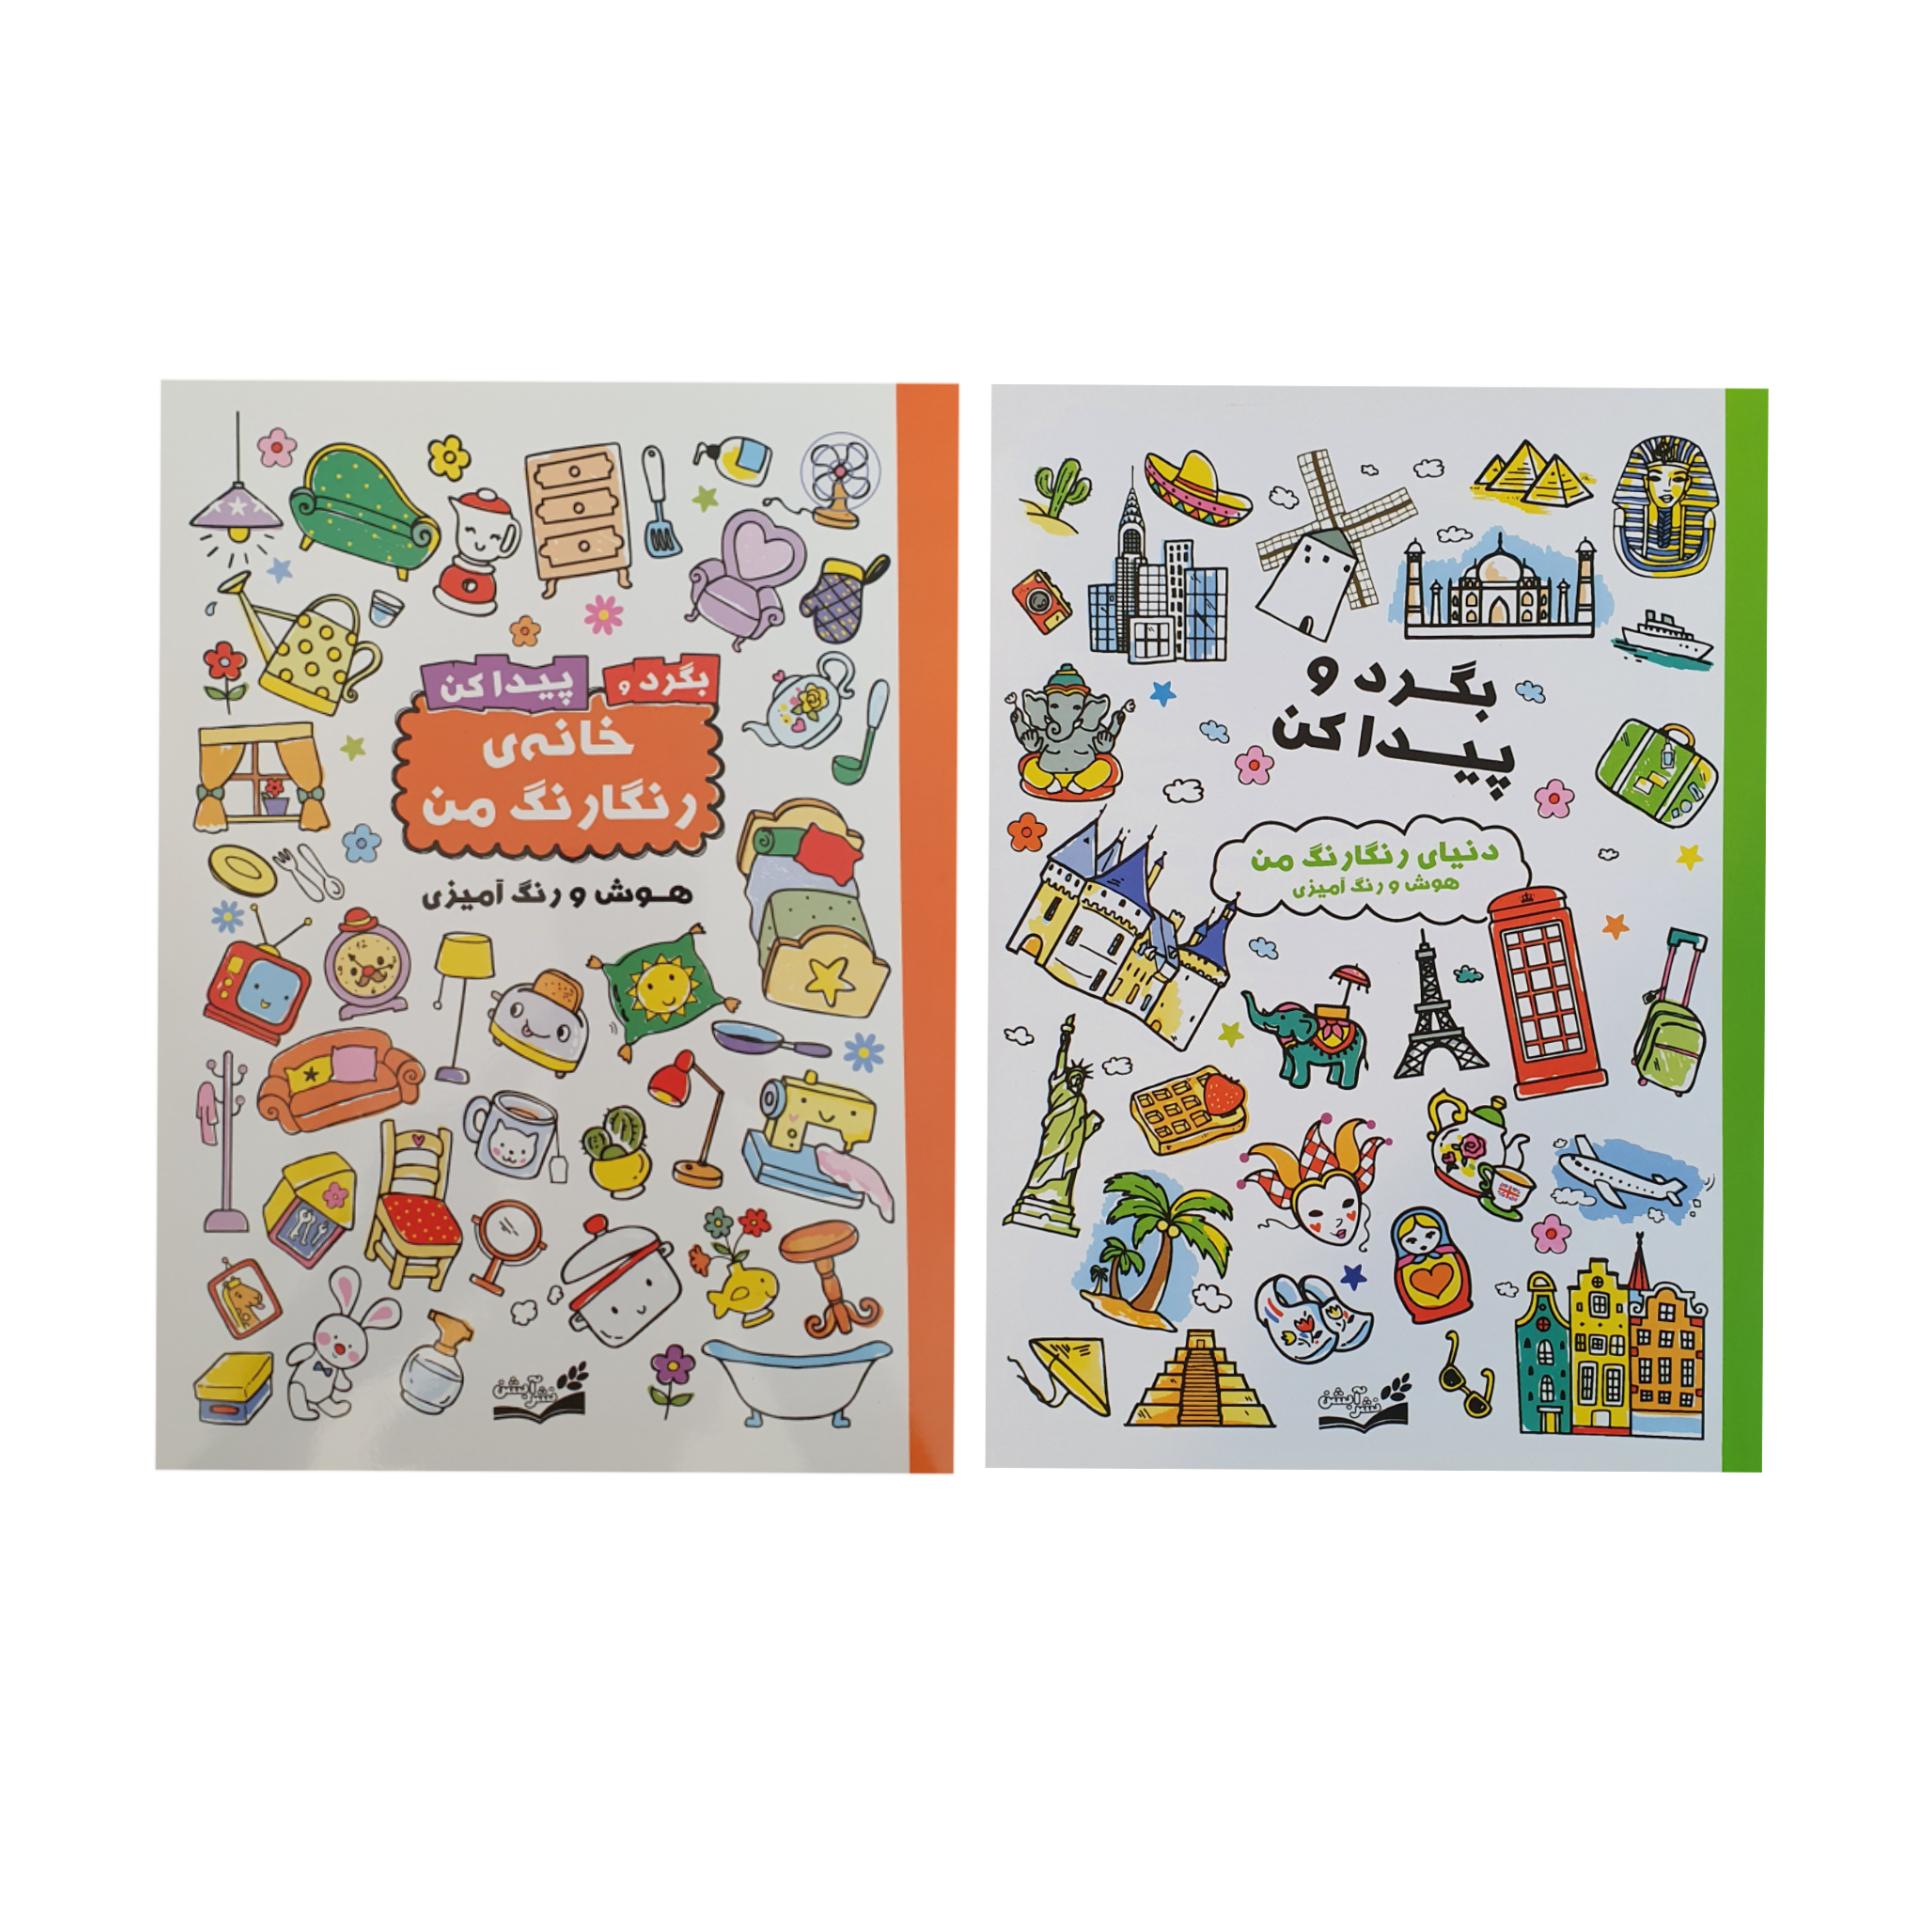 خرید                      کتاب بگرد و پیدا کن هوش و رنگ آمیزی اثر اندیشه مهرابی نشر آبشن دو جلدی